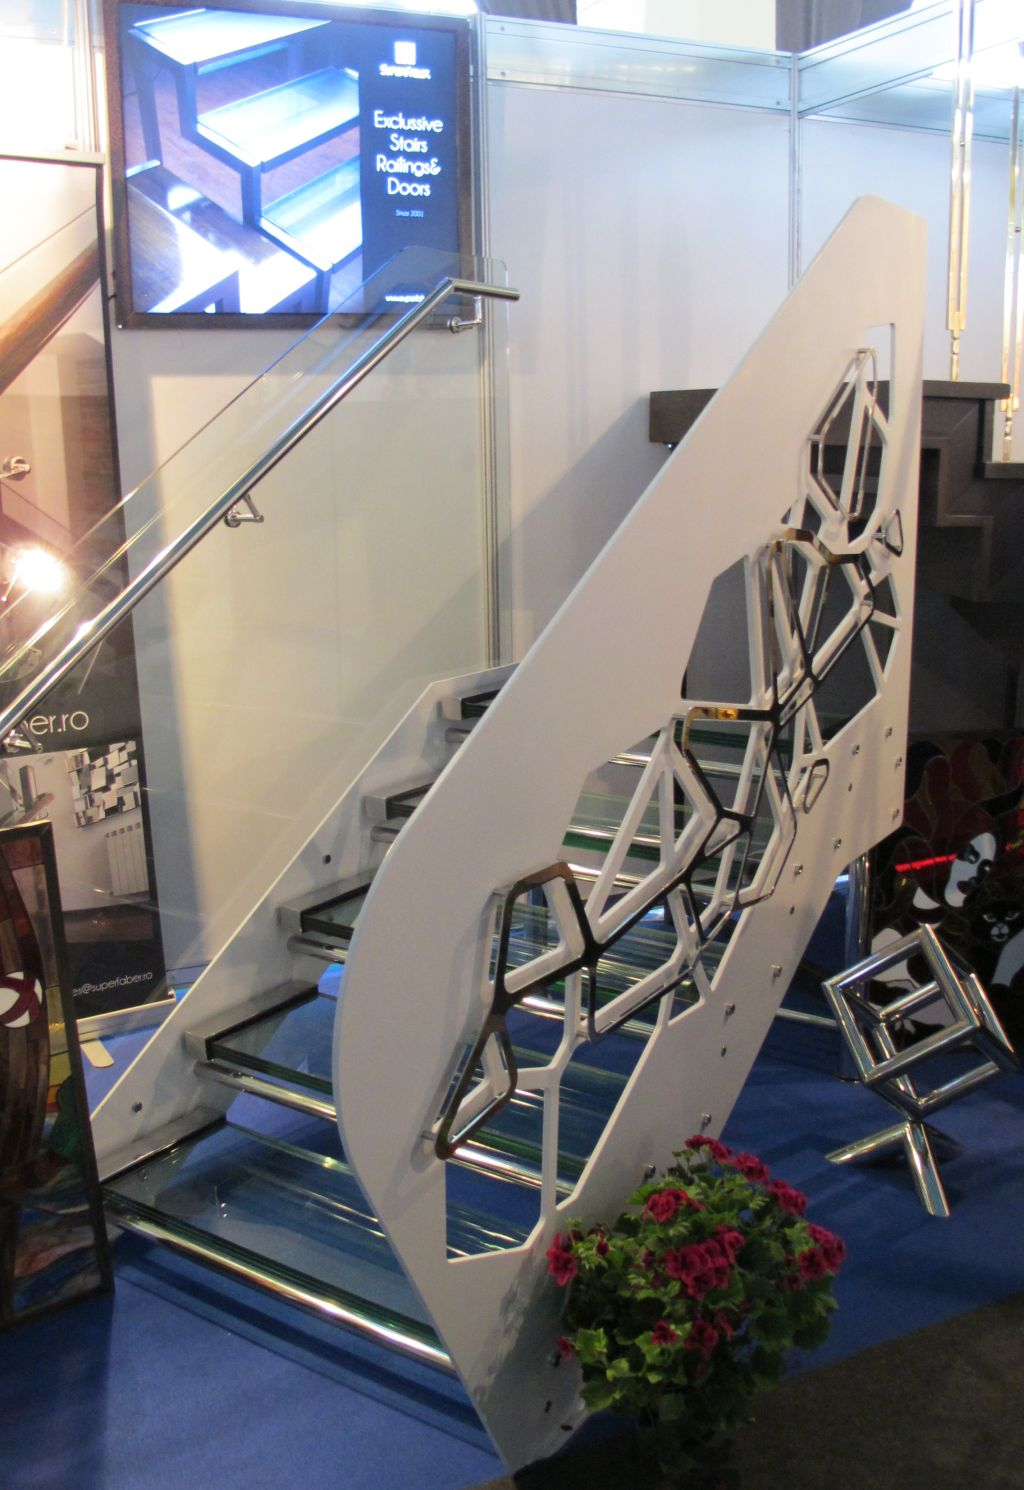 Scara concept Bogdan Samoila prezentata la standul SUPERFABER de la Ambient